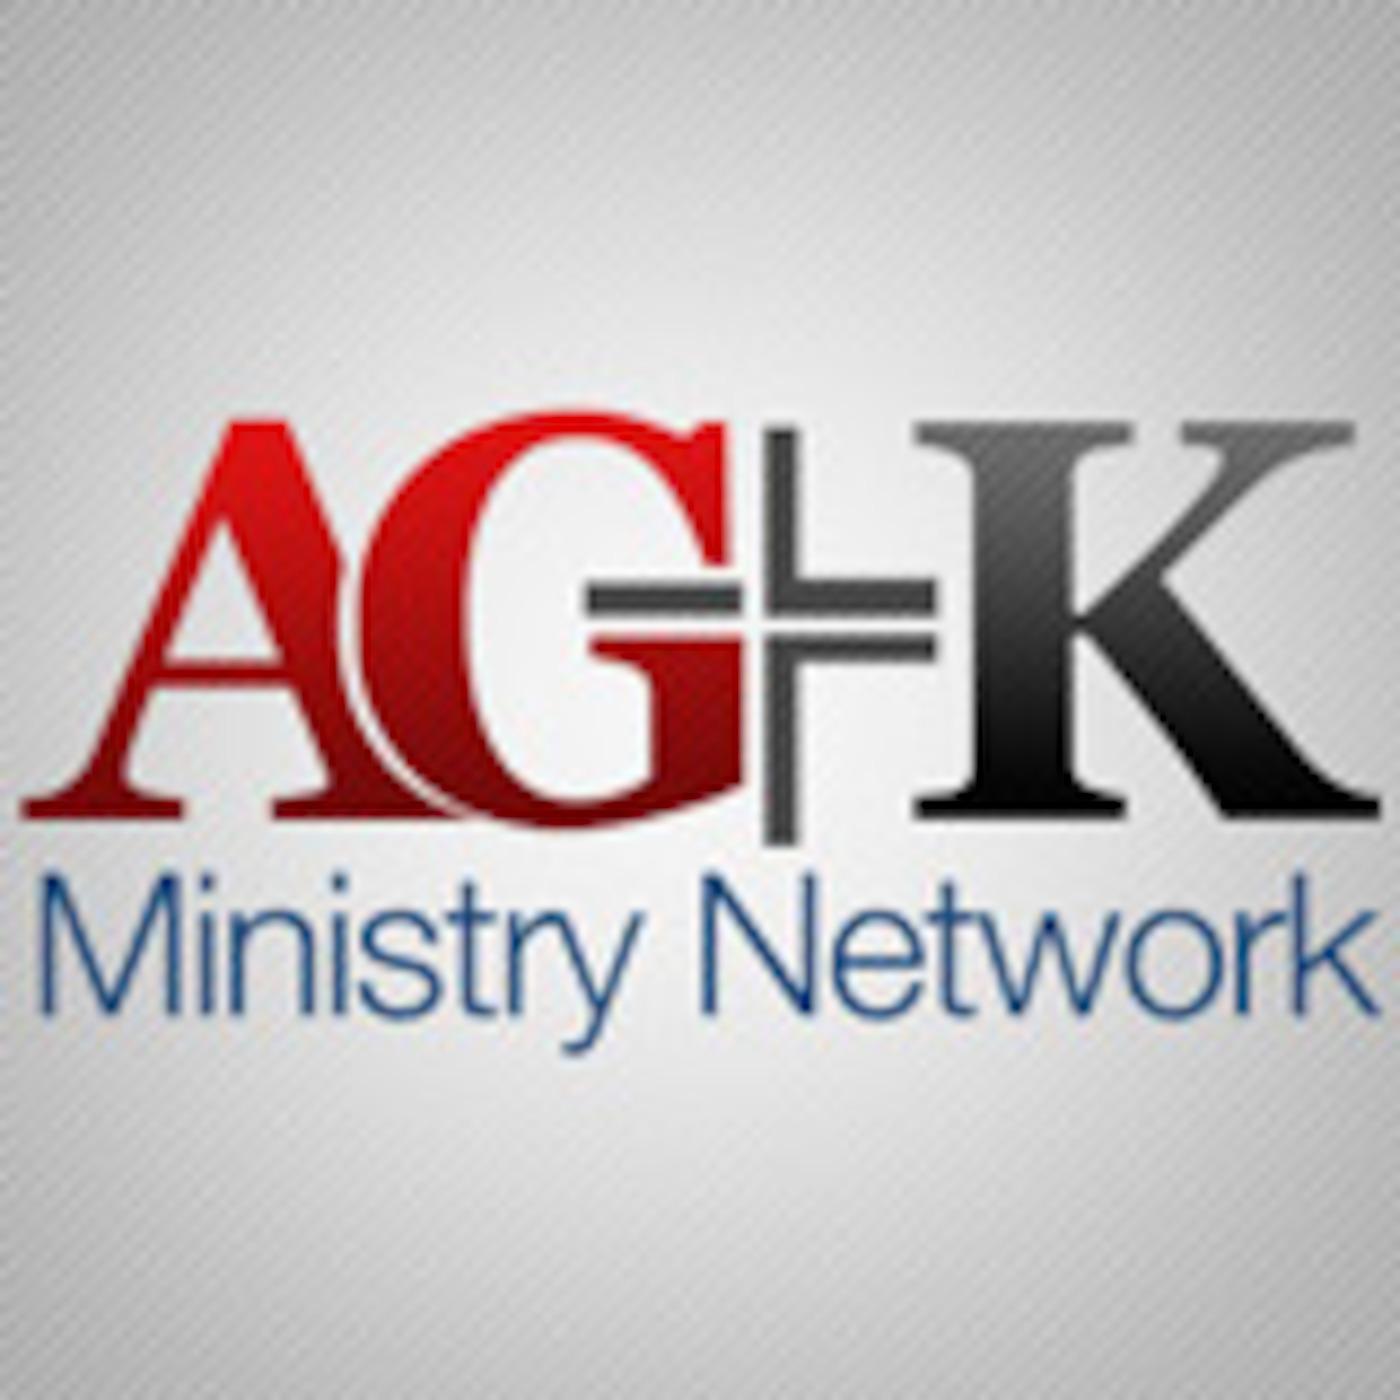 AGK Ministry Network